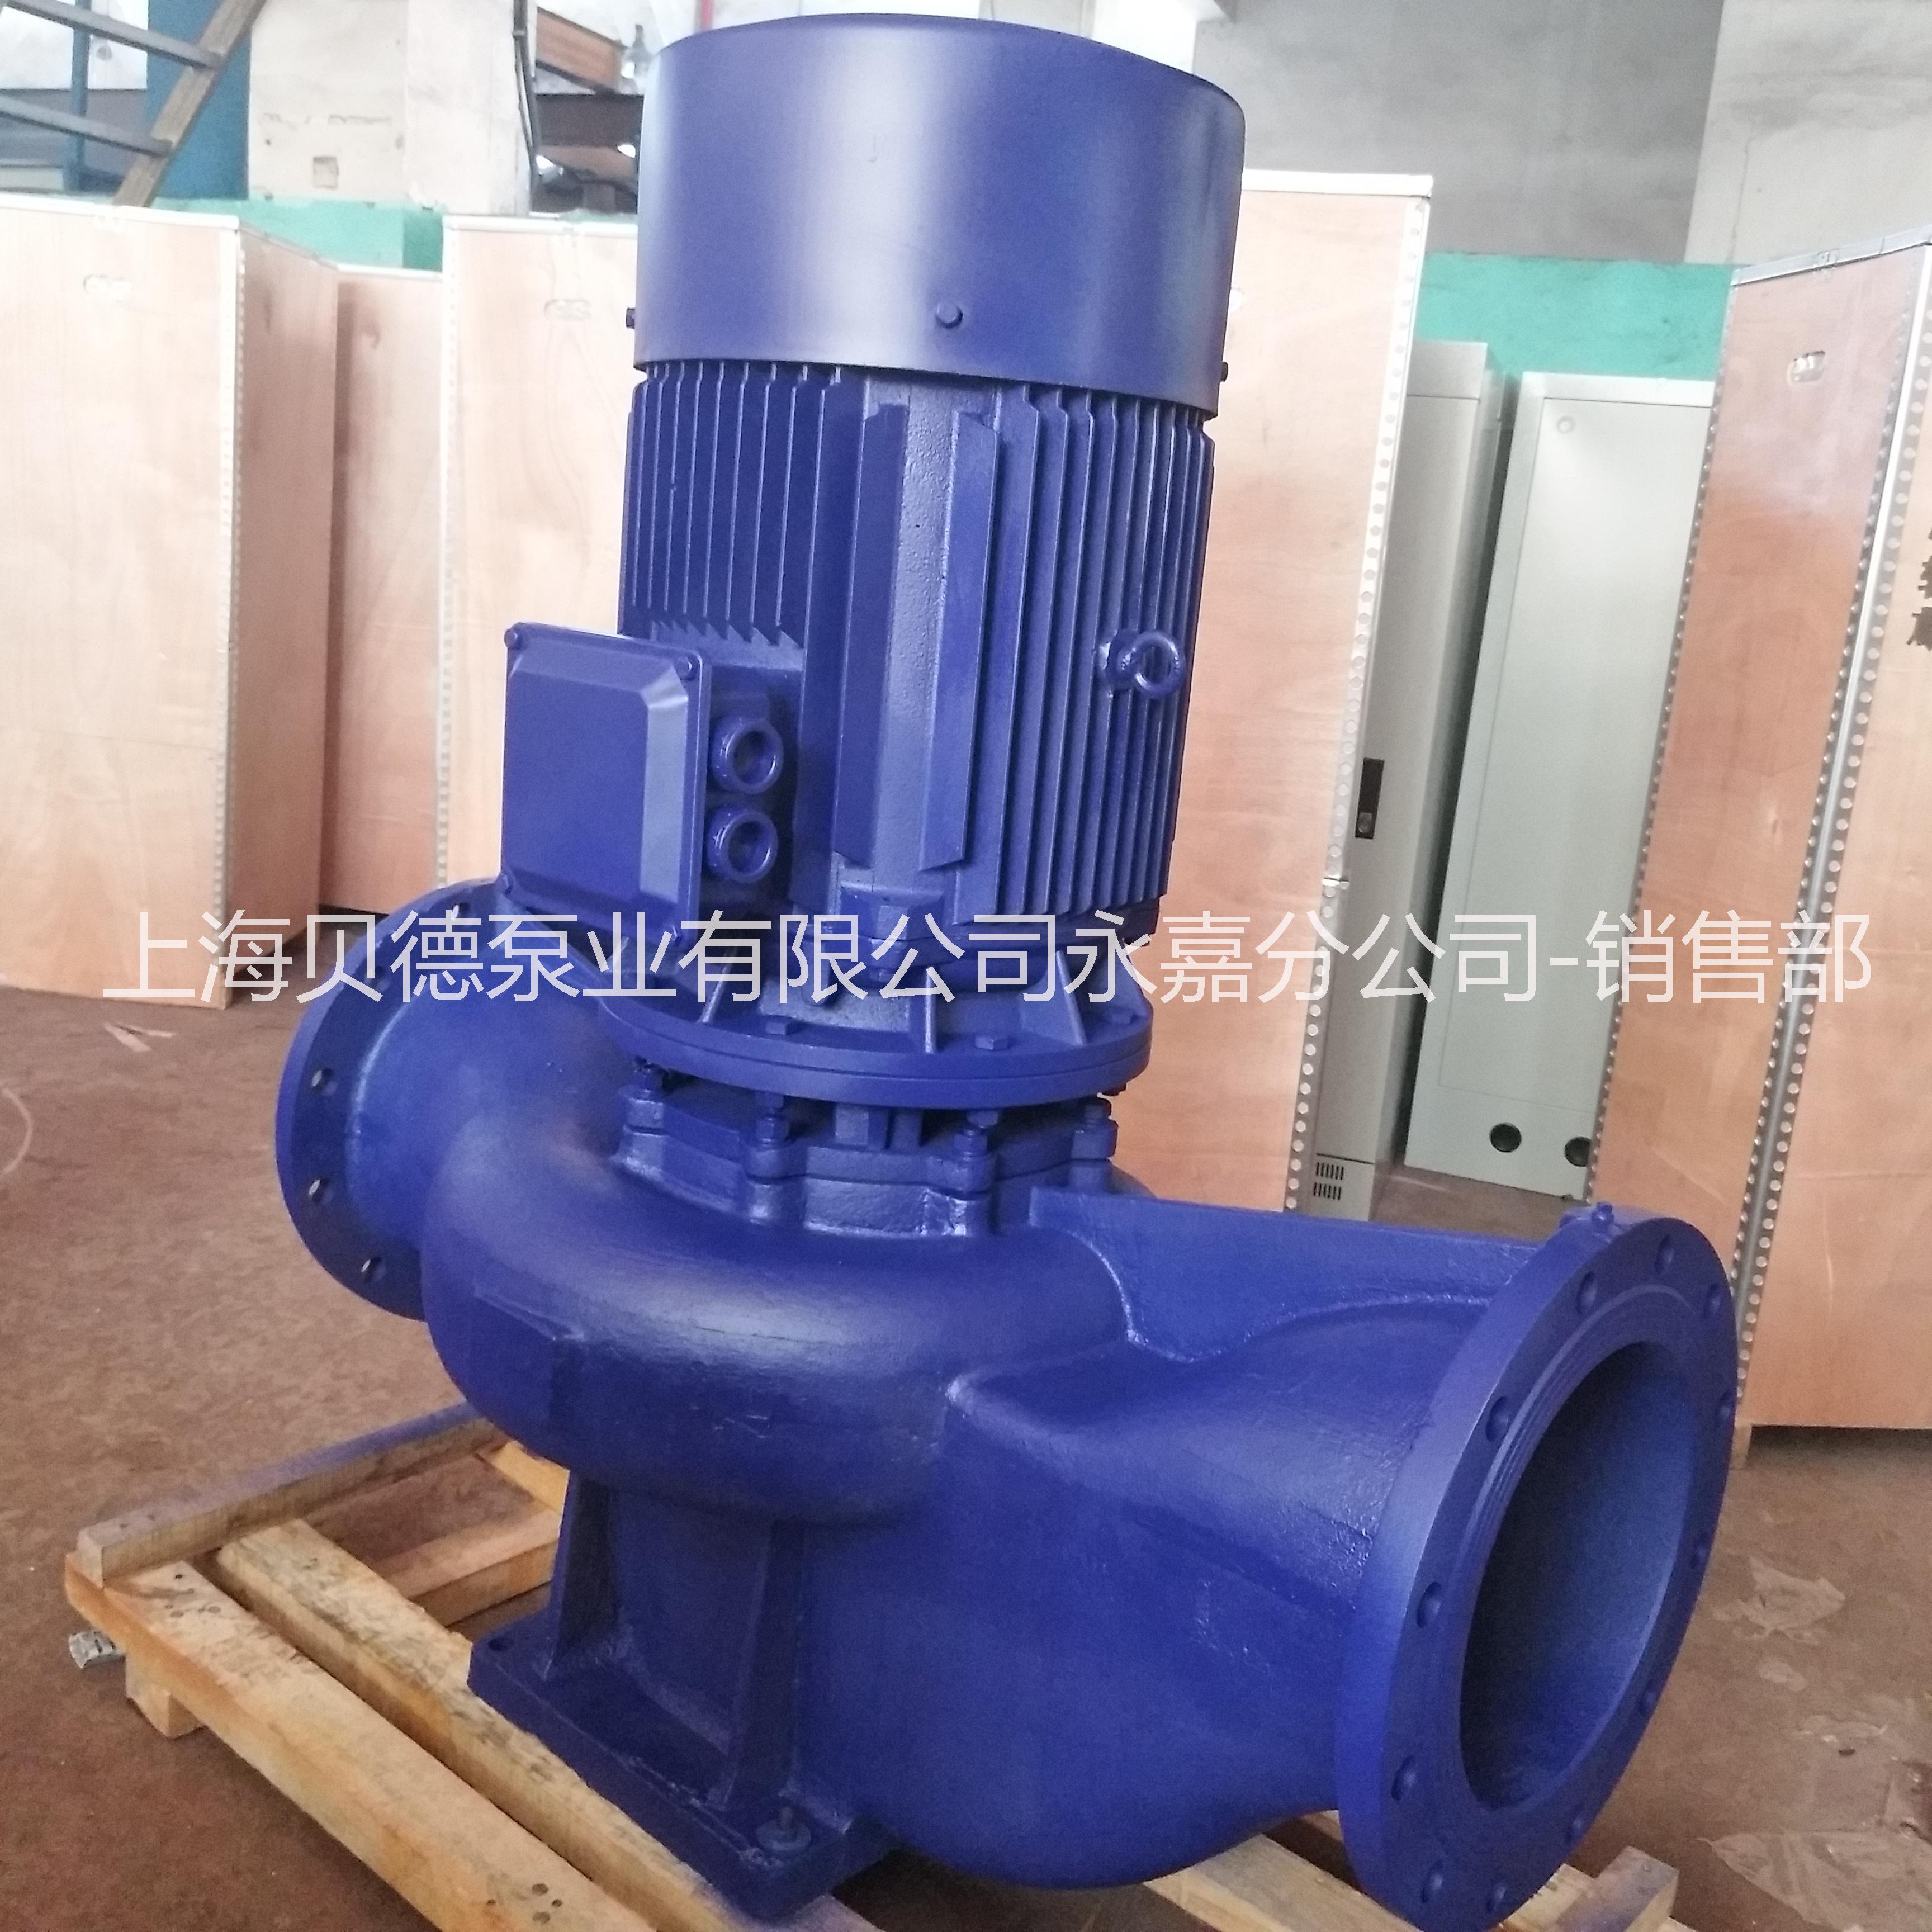 上海贝德泵业有限公司西安办事处ISG50-160  管道循环泵,自动单级单吸管道泵  ISG管道循环泵